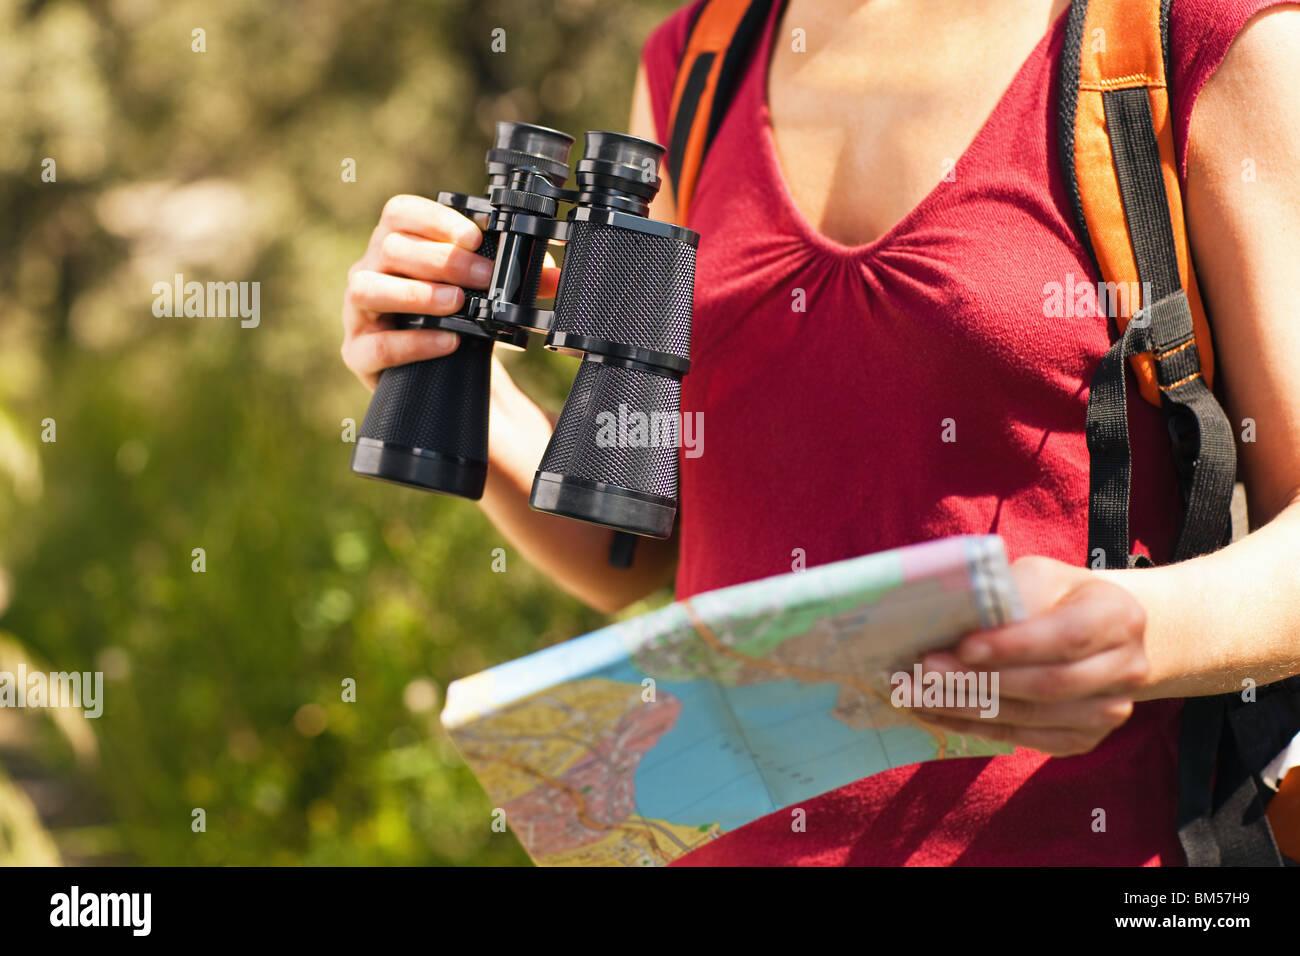 Blick auf weibliche Vogelbeobachter mit Fernglas und Karte zugeschnitten. Stockbild